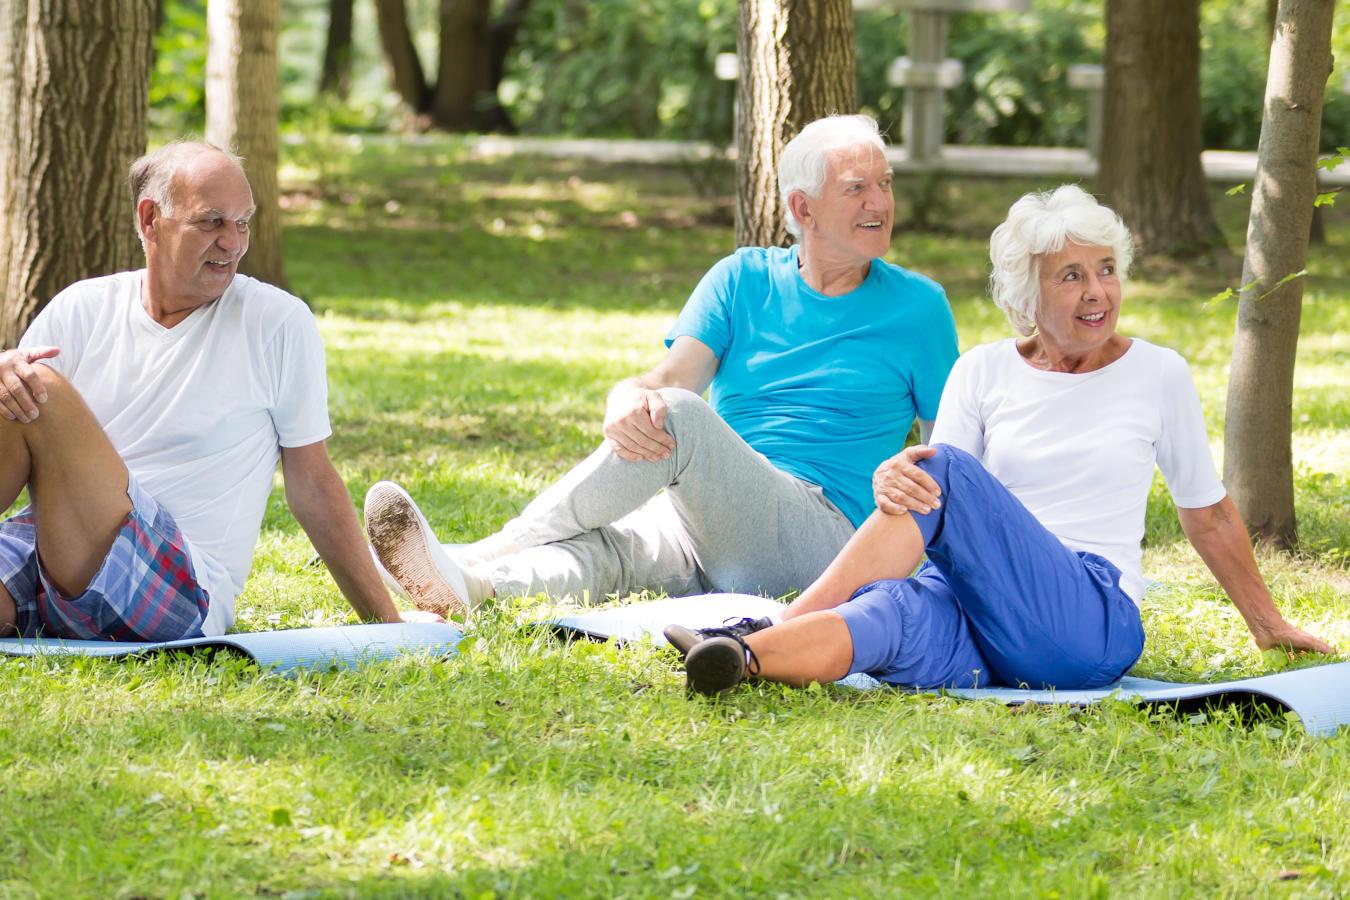 Jak zadbać ozdrowie ikondycję seniora?